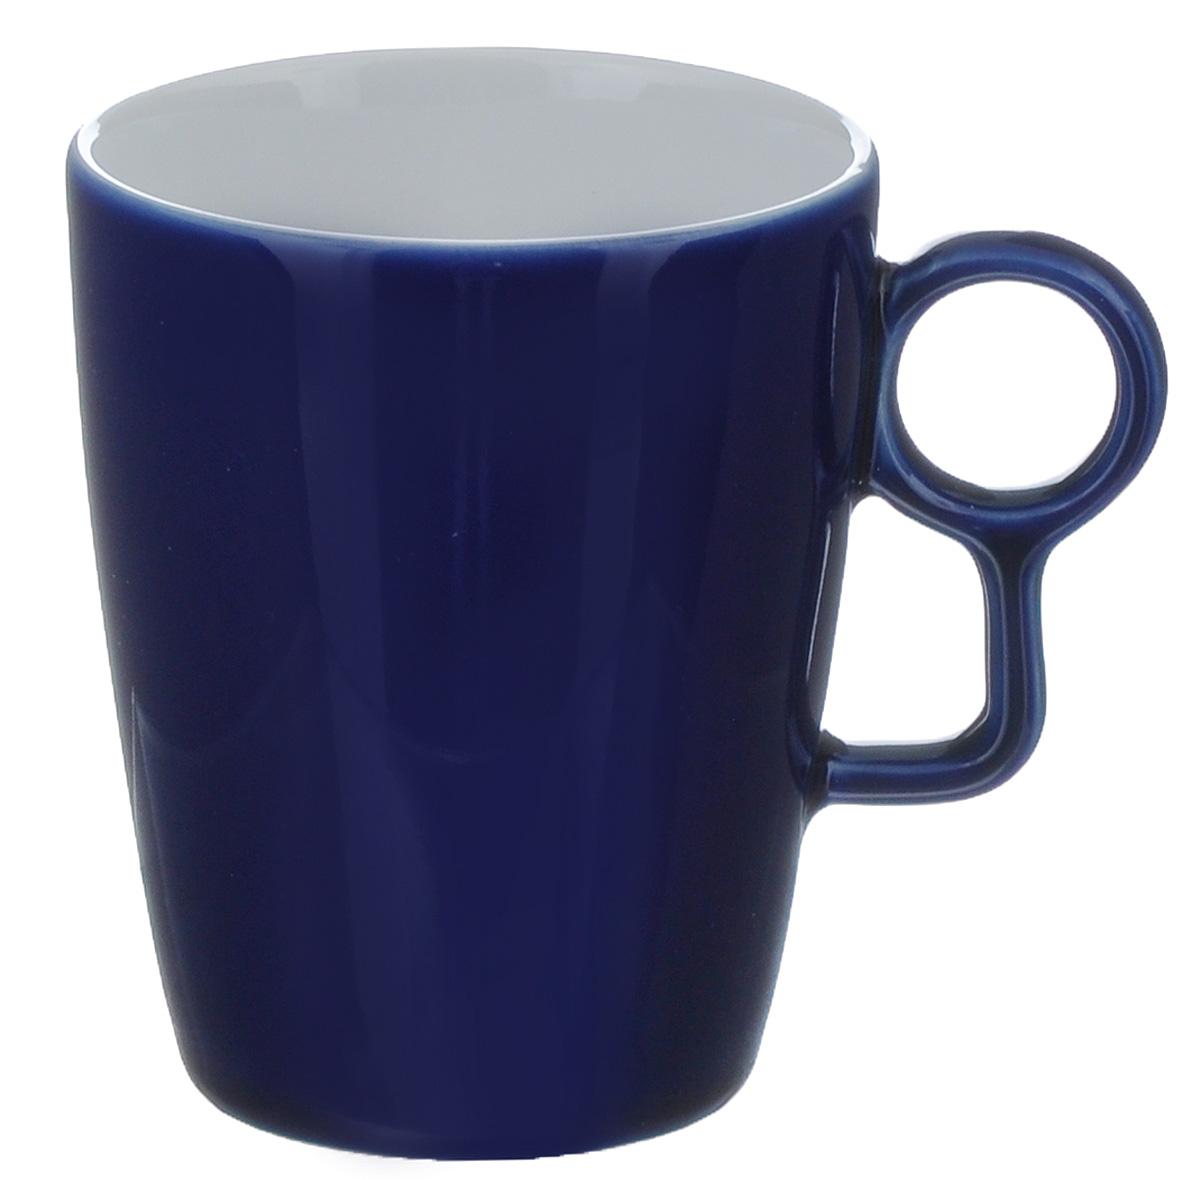 Кружка Sagaform Loop, цвет: синий, 250 мл115510Кружка Sagaform выполнена из высококачественной керамики. Изделие оснащено удобной ручкой. Кружка сочетает в себе оригинальный дизайн и функциональность. Благодаря такой кружке пить напитки будет еще вкуснее. Кружка Sagaform согреет вас долгими холодными вечерами. Можно использовать в посудомоечной машине.Объем: 250 мл.Диаметр (по верхнему краю): 7,5 см.Высота кружки: 10 см.